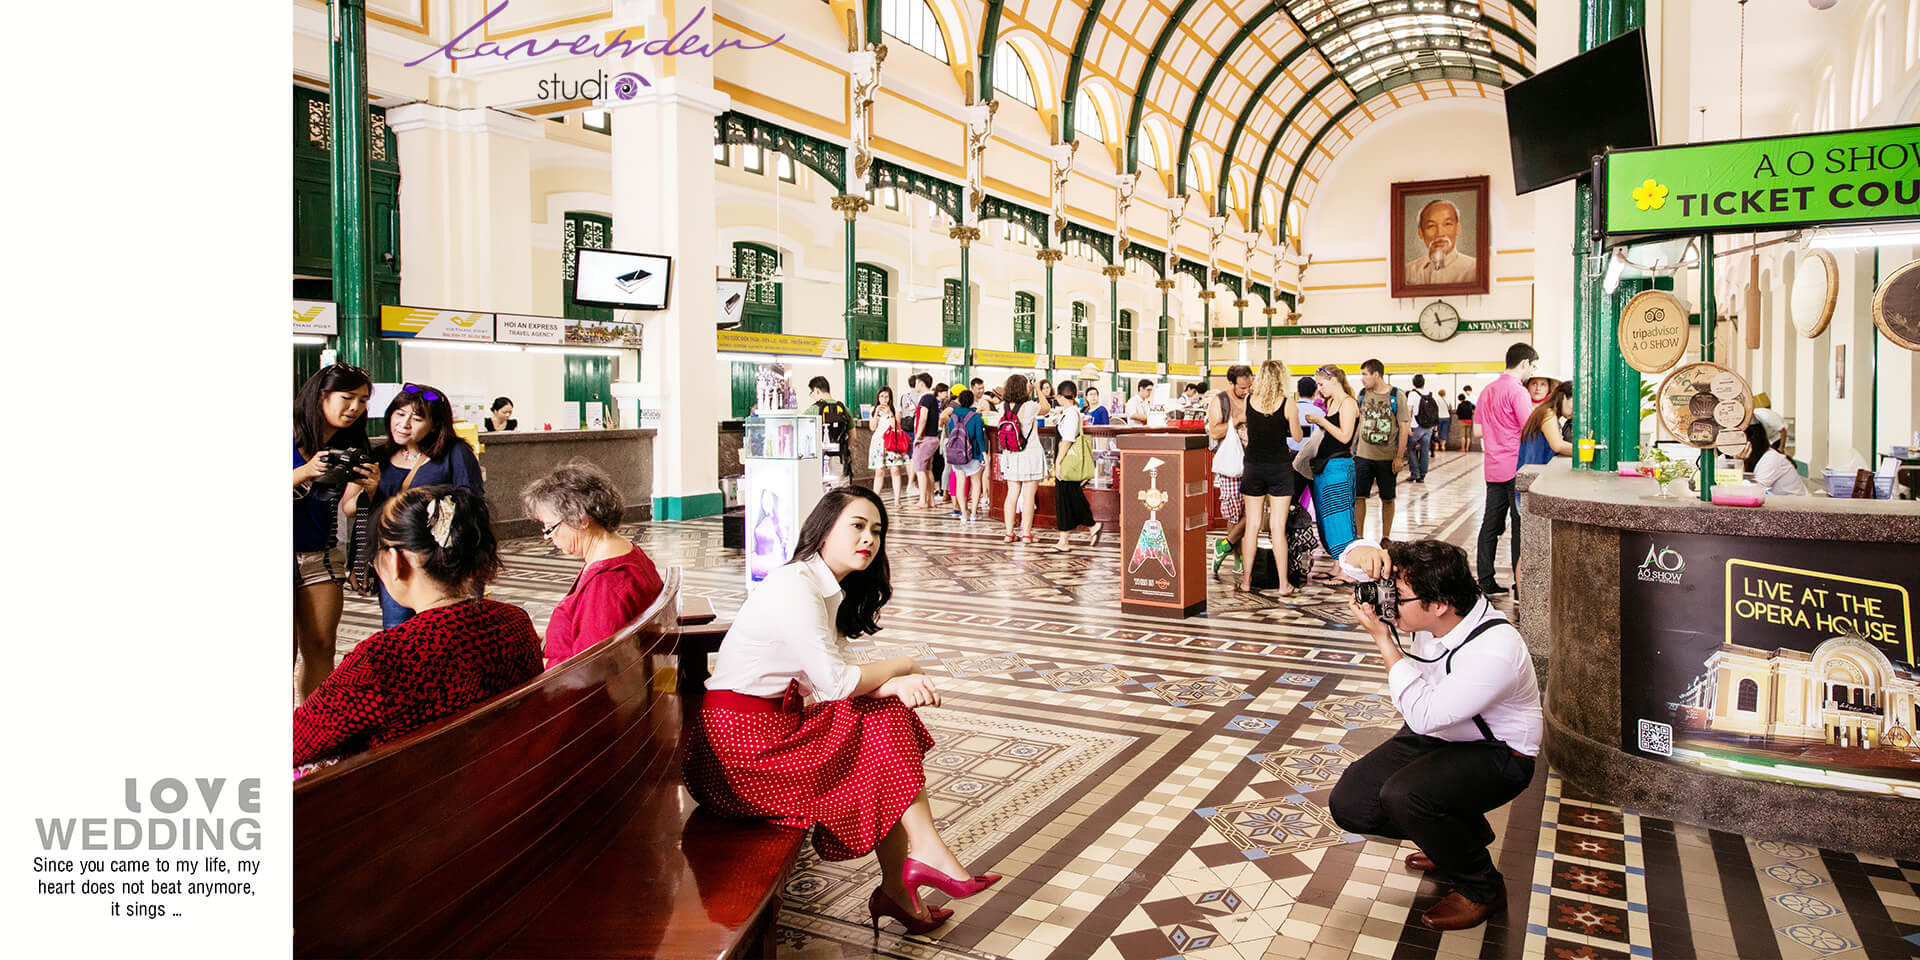 dịch vụ chụp hình cưới đẹp và uy tín tại Sài gòn